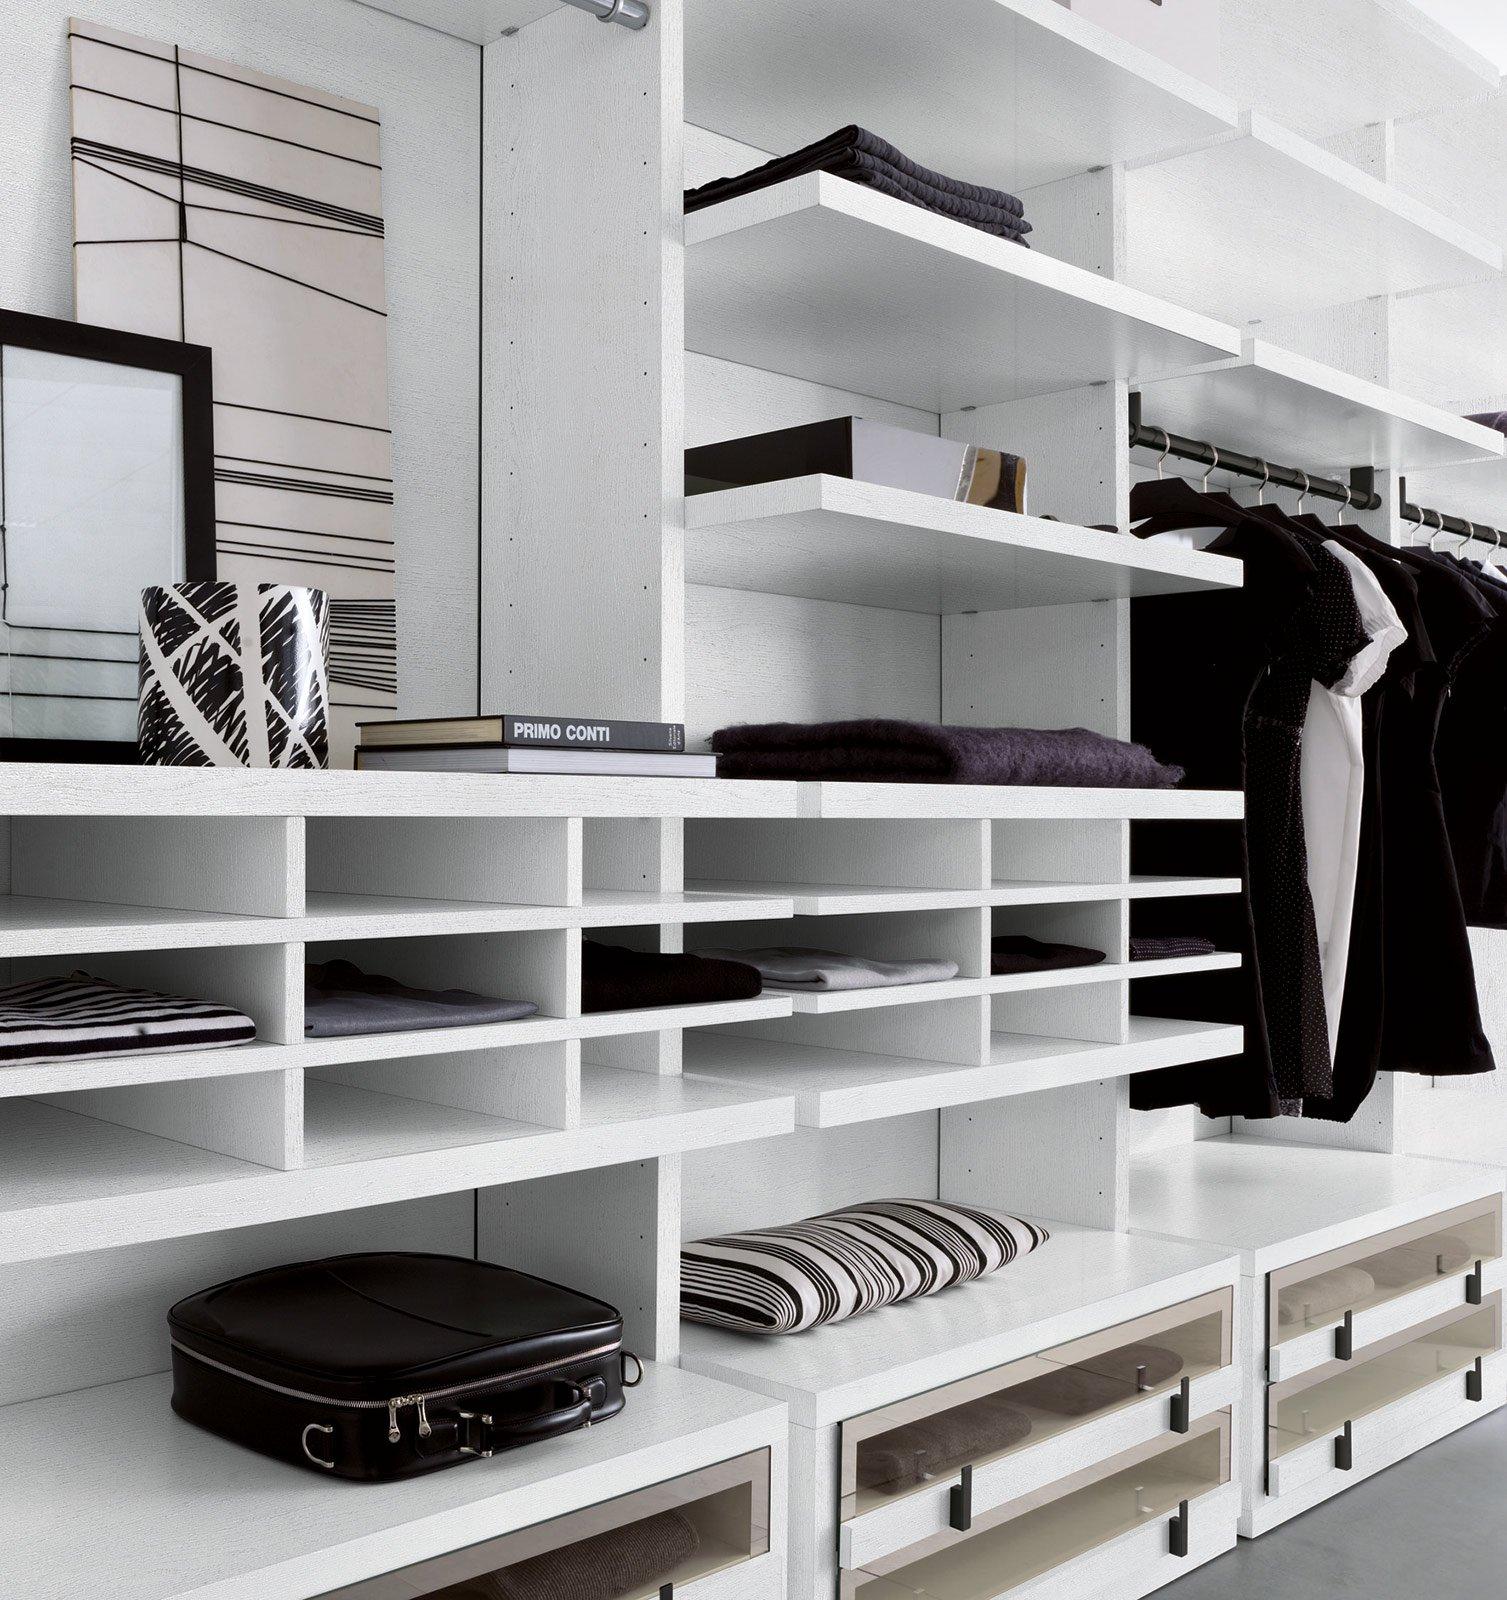 Cabine armadio come su misura cose di casa for Una planimetria della cabina del telaio